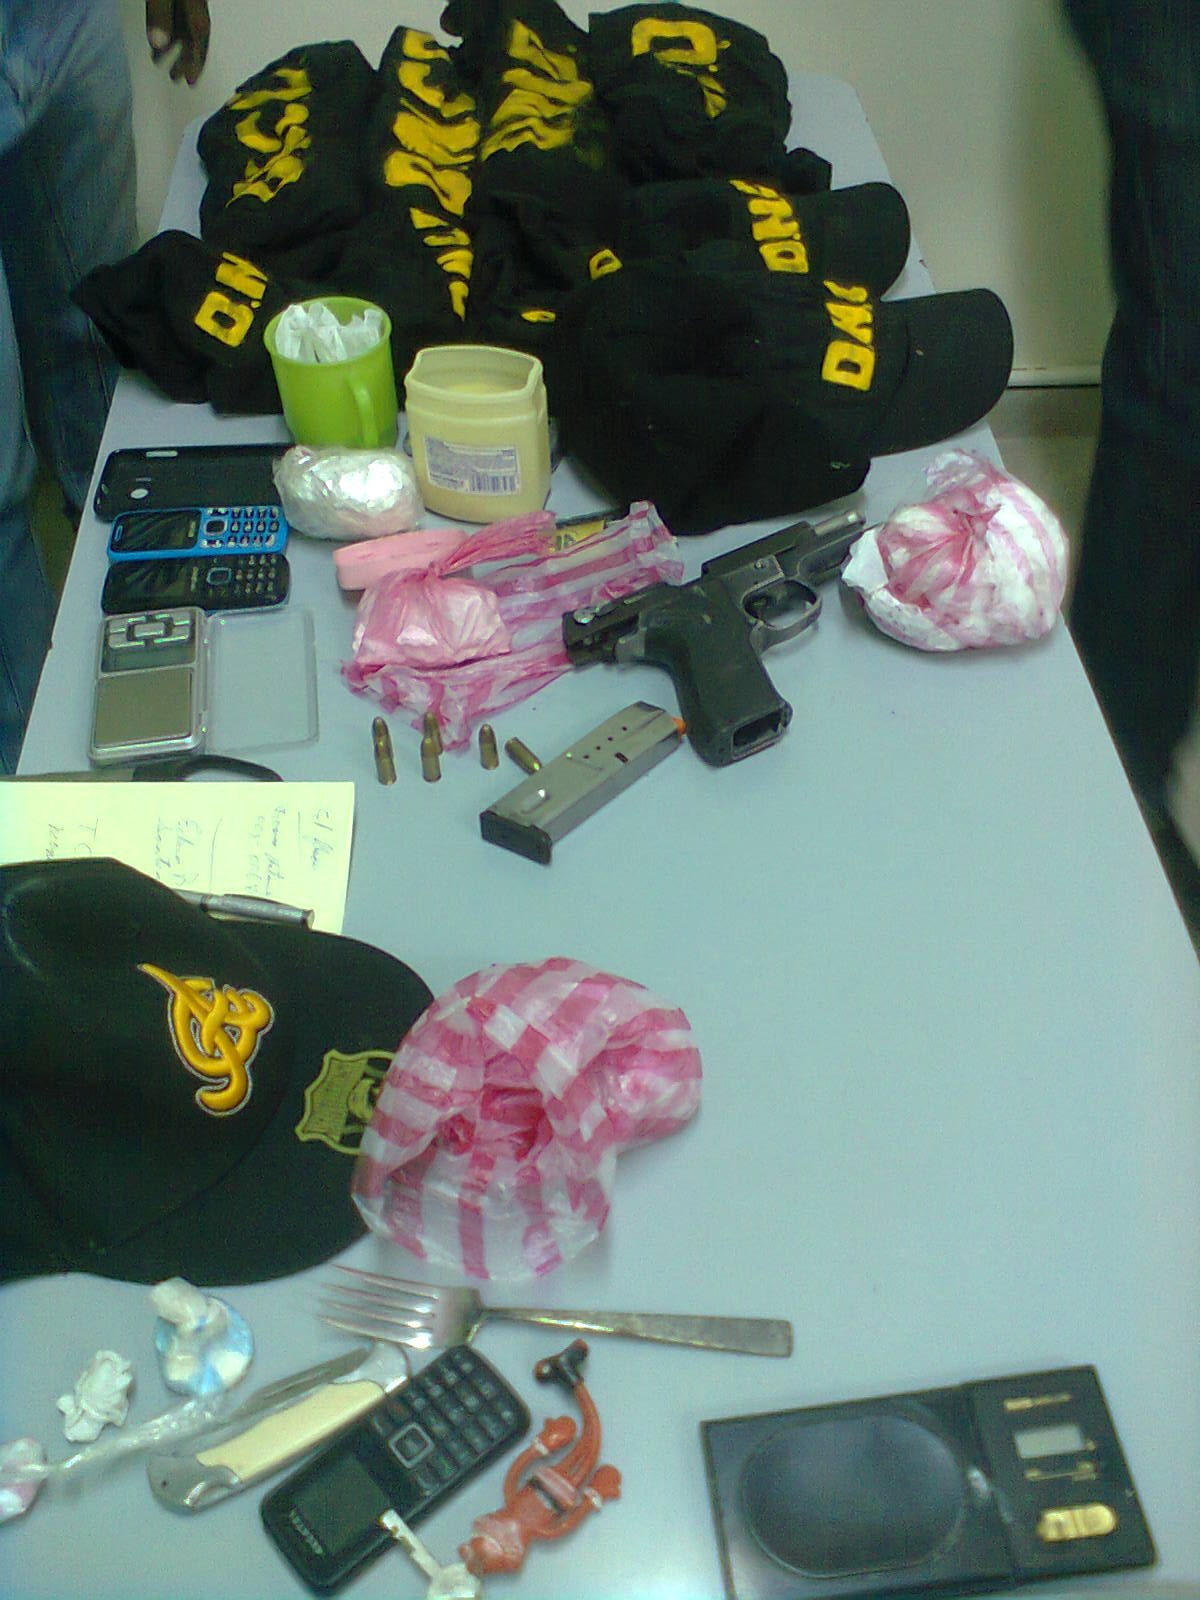 Confiscan drogas y armas presuntamente eran utilizadas en acciones delictivas